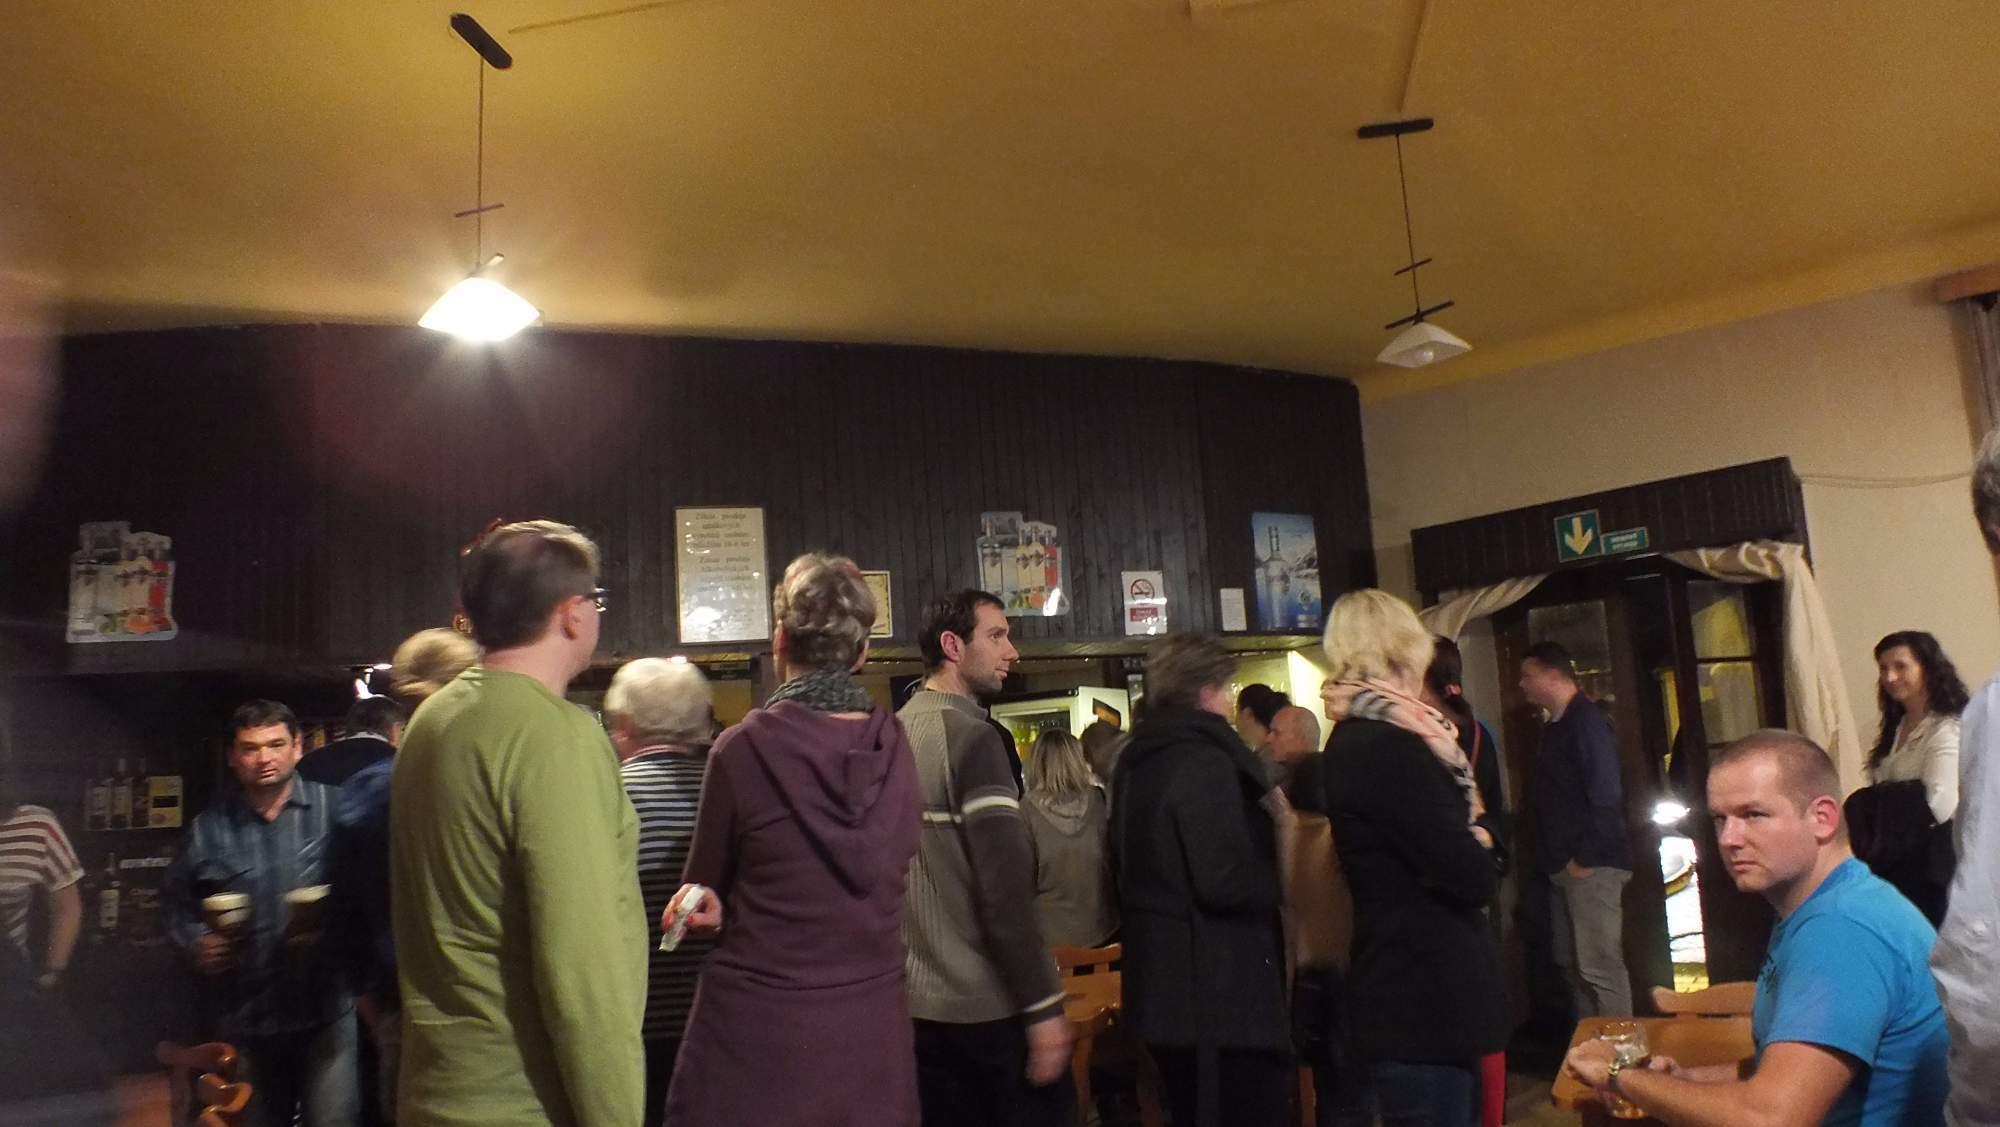 Asi v půlce talkshow si diváci mohli odskočit pro občerstvení do místní hospůdky. Foto: Nikola Pavlasová